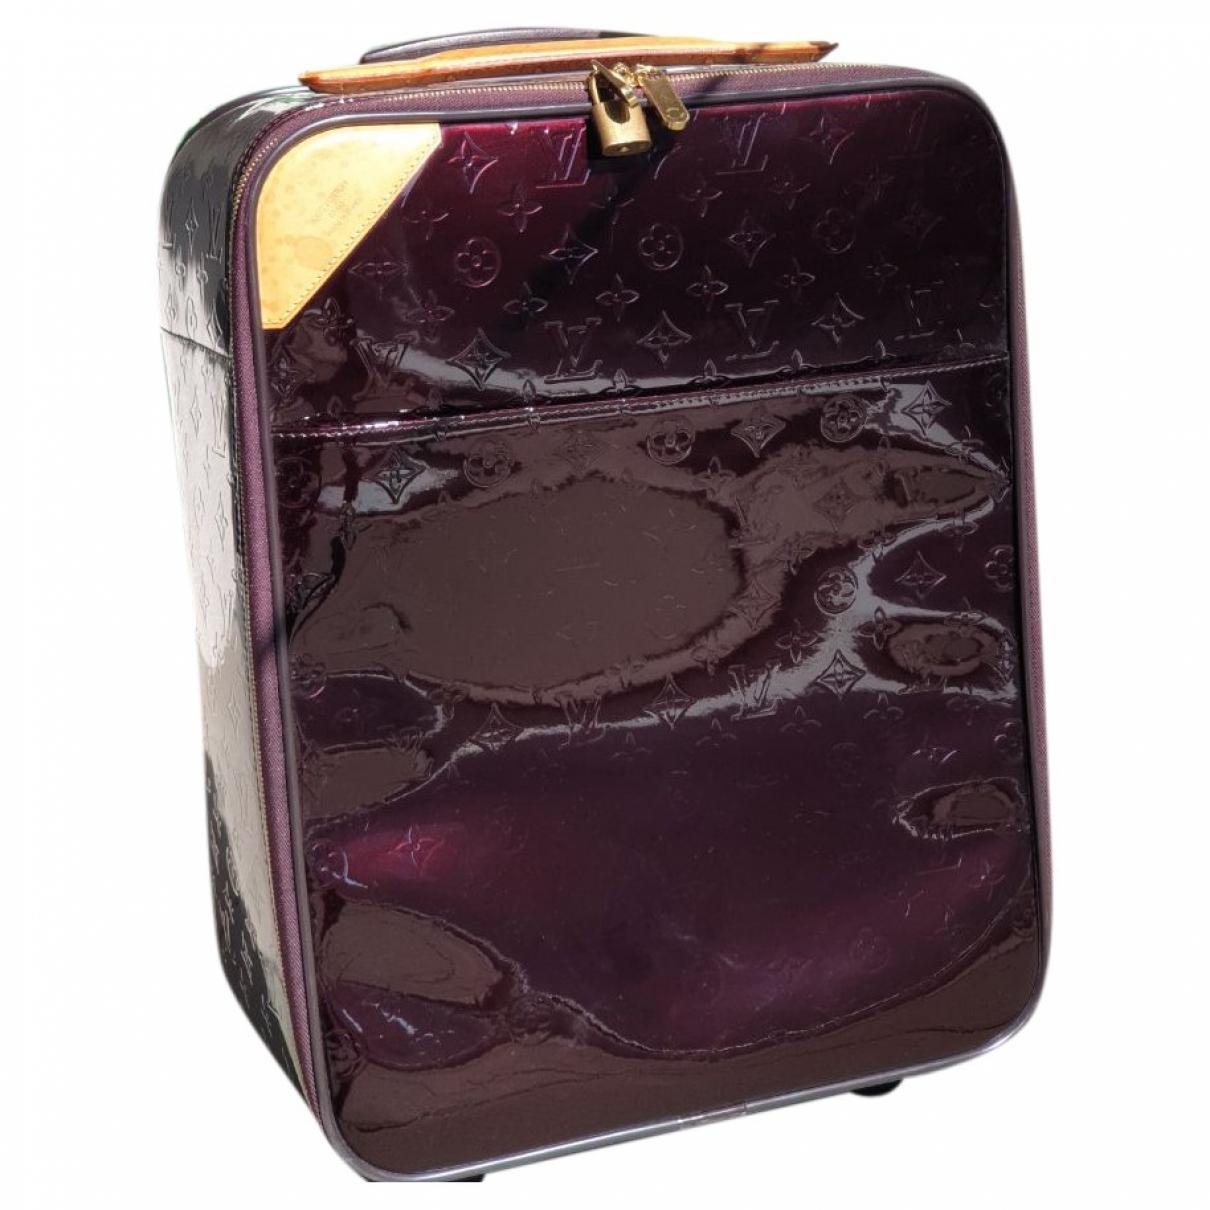 Louis Vuitton - Sac de voyage Pegase pour femme en cuir verni - bordeaux